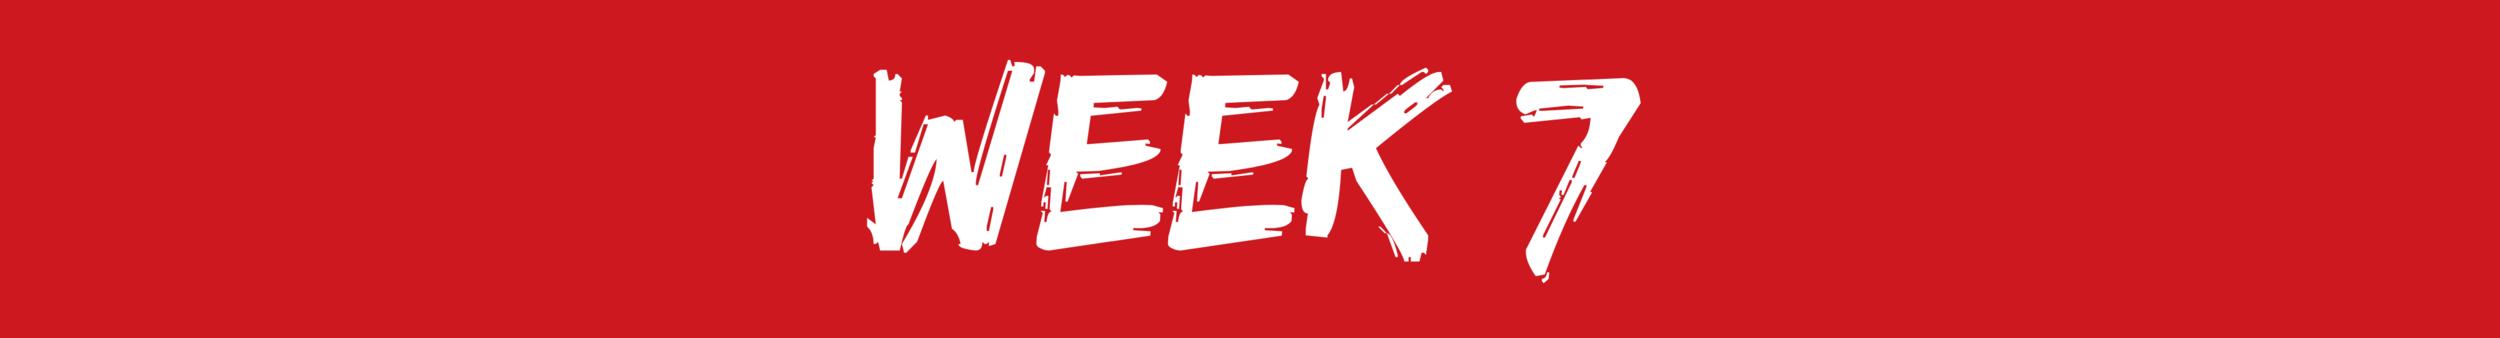 LCA4R week 7.png